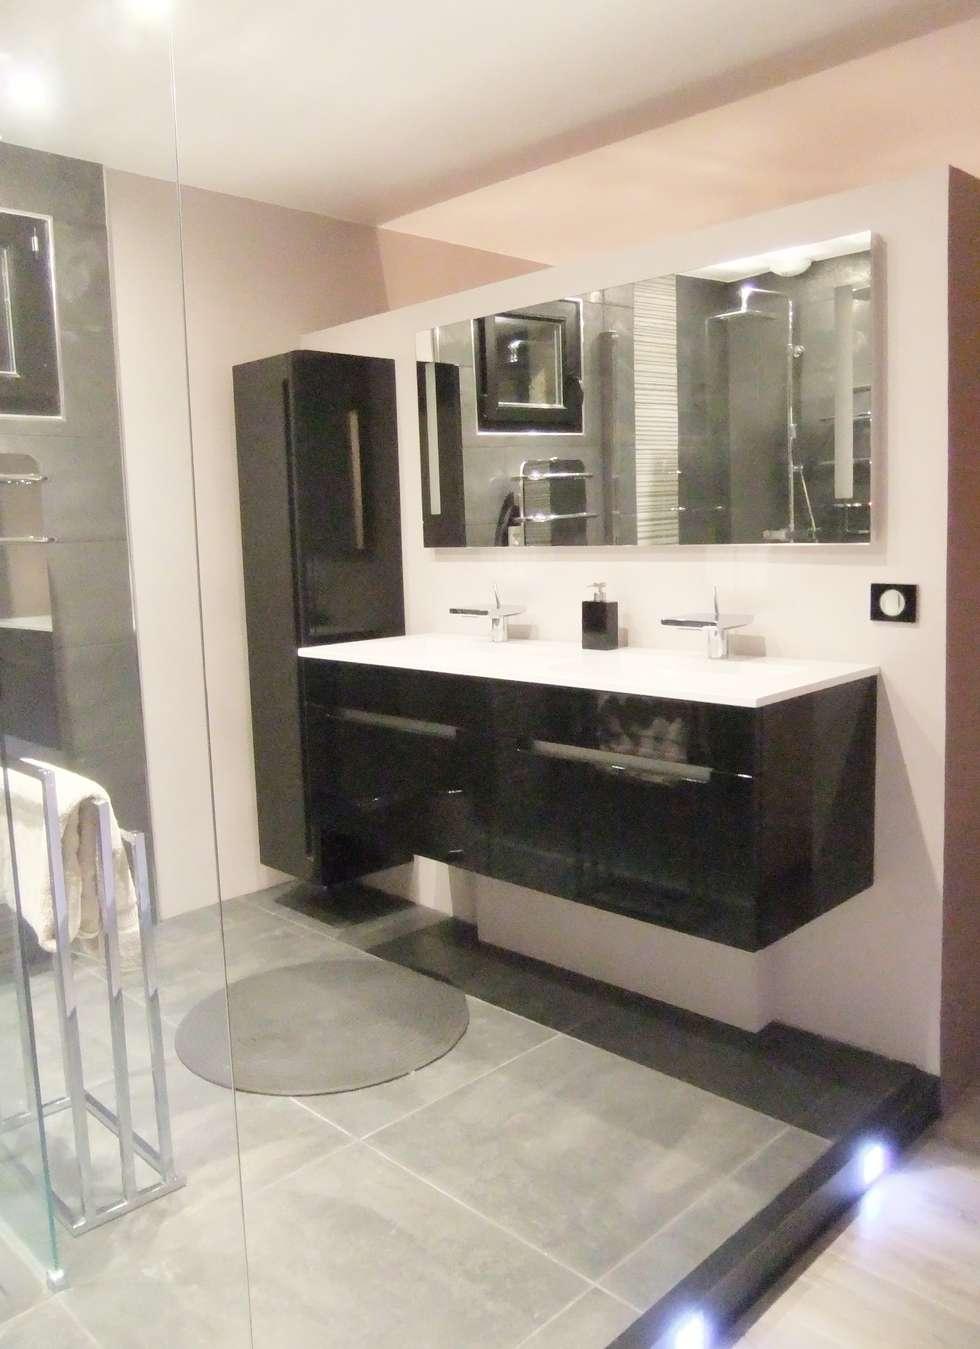 Espace lavabo suspendu dans une suite parentale: Salle de bains de style  par HOME feeling